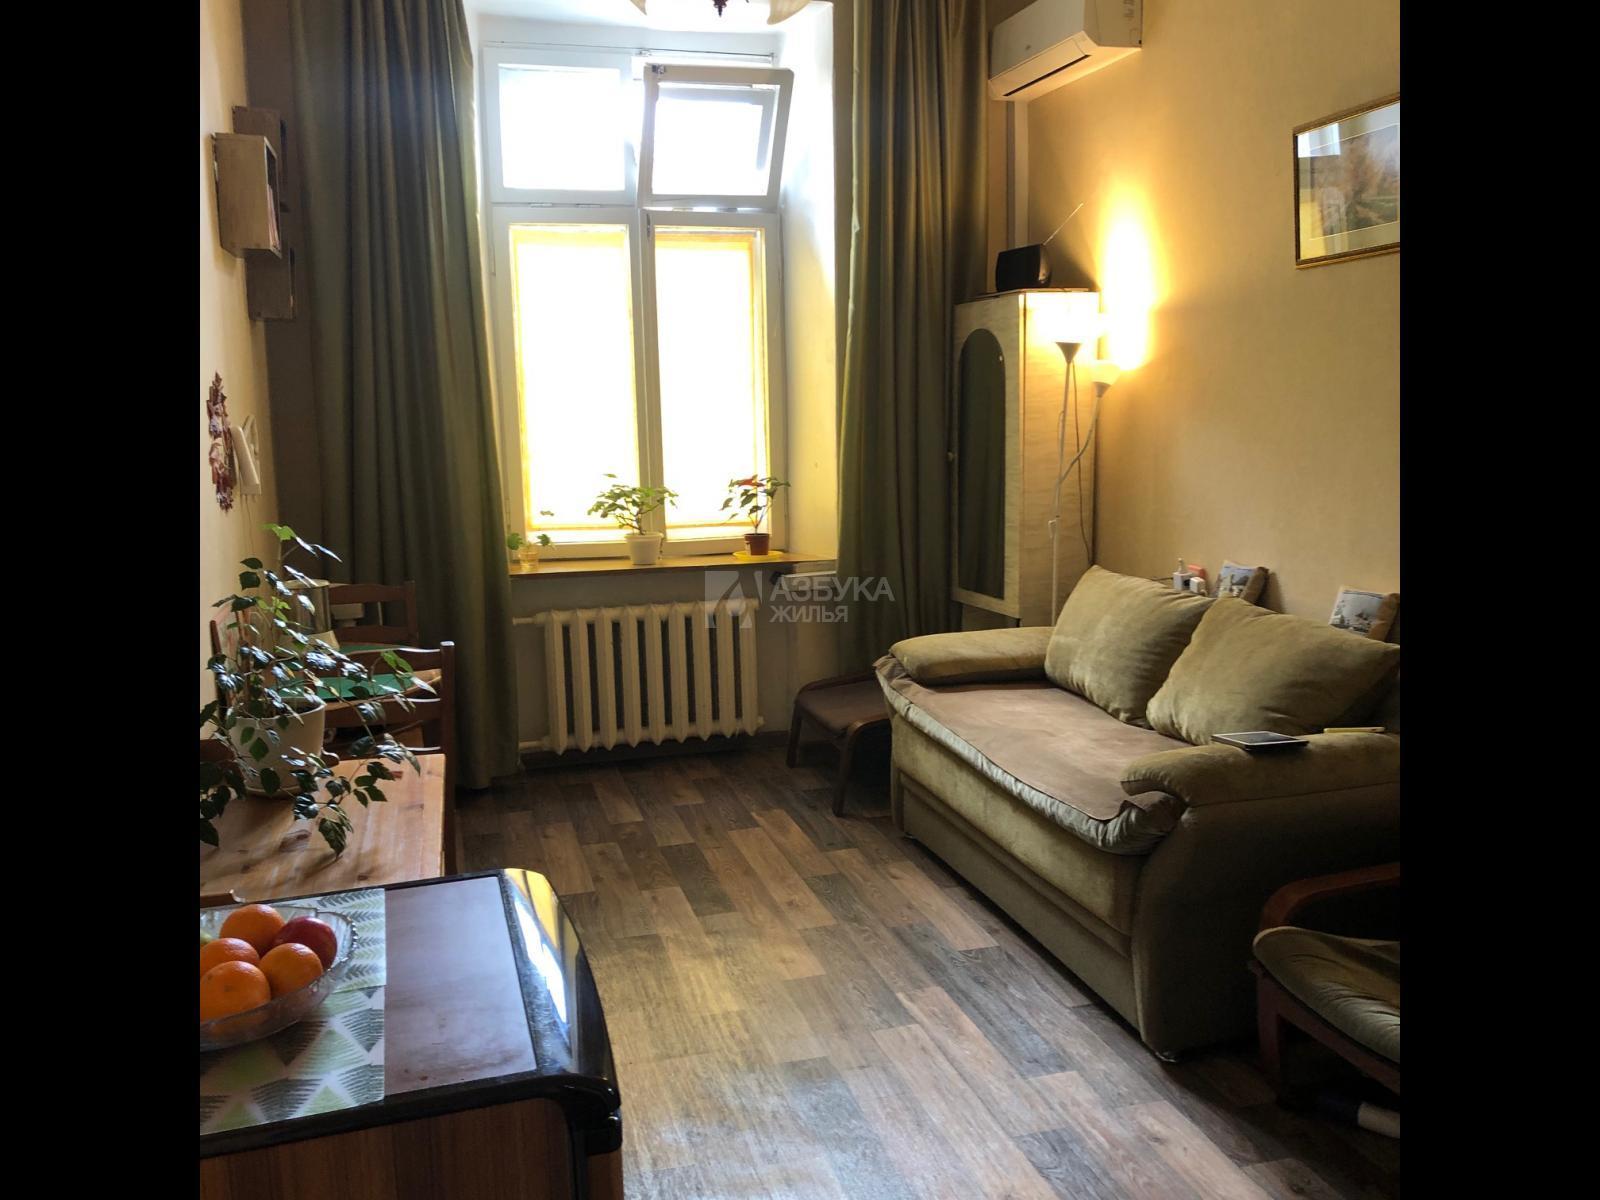 Фото №12 - 7-комнатная квартира, Москва, Николопесковский М. переулок 11 корпус 2 строение 1, метро Смоленская